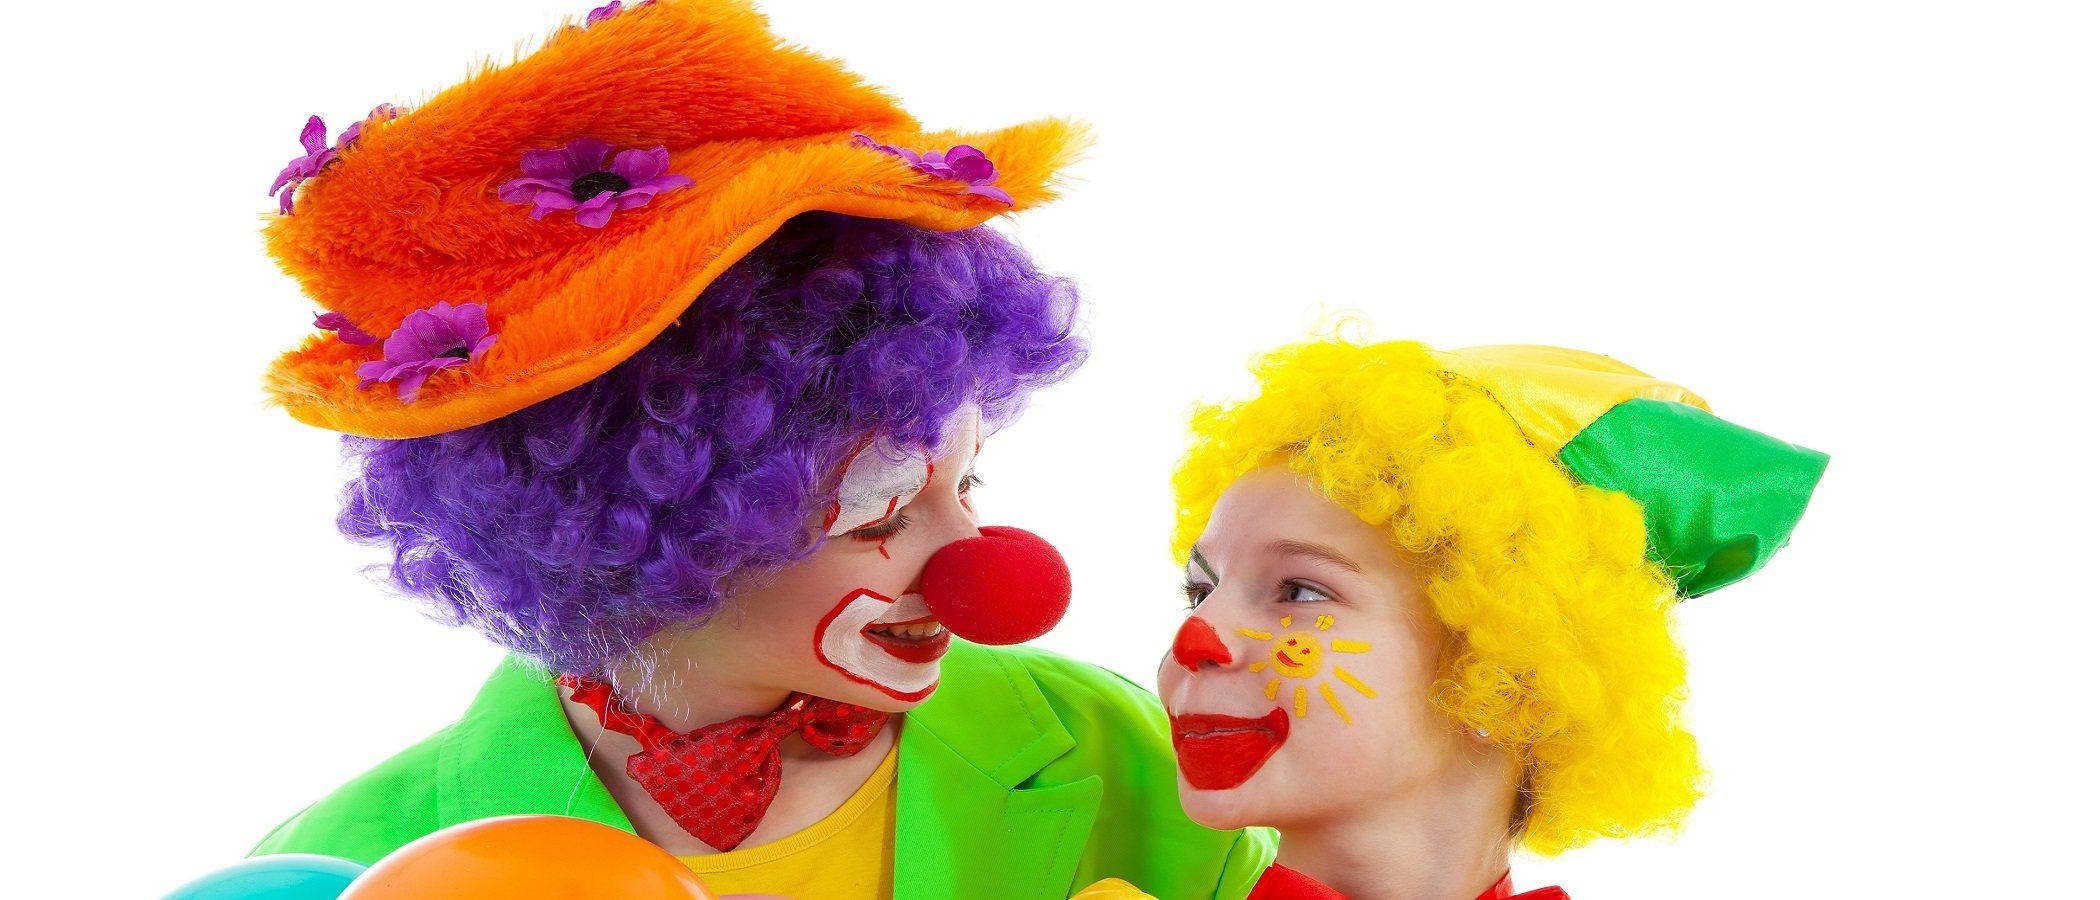 Maquillaje de payaso: guía fácil paso a paso